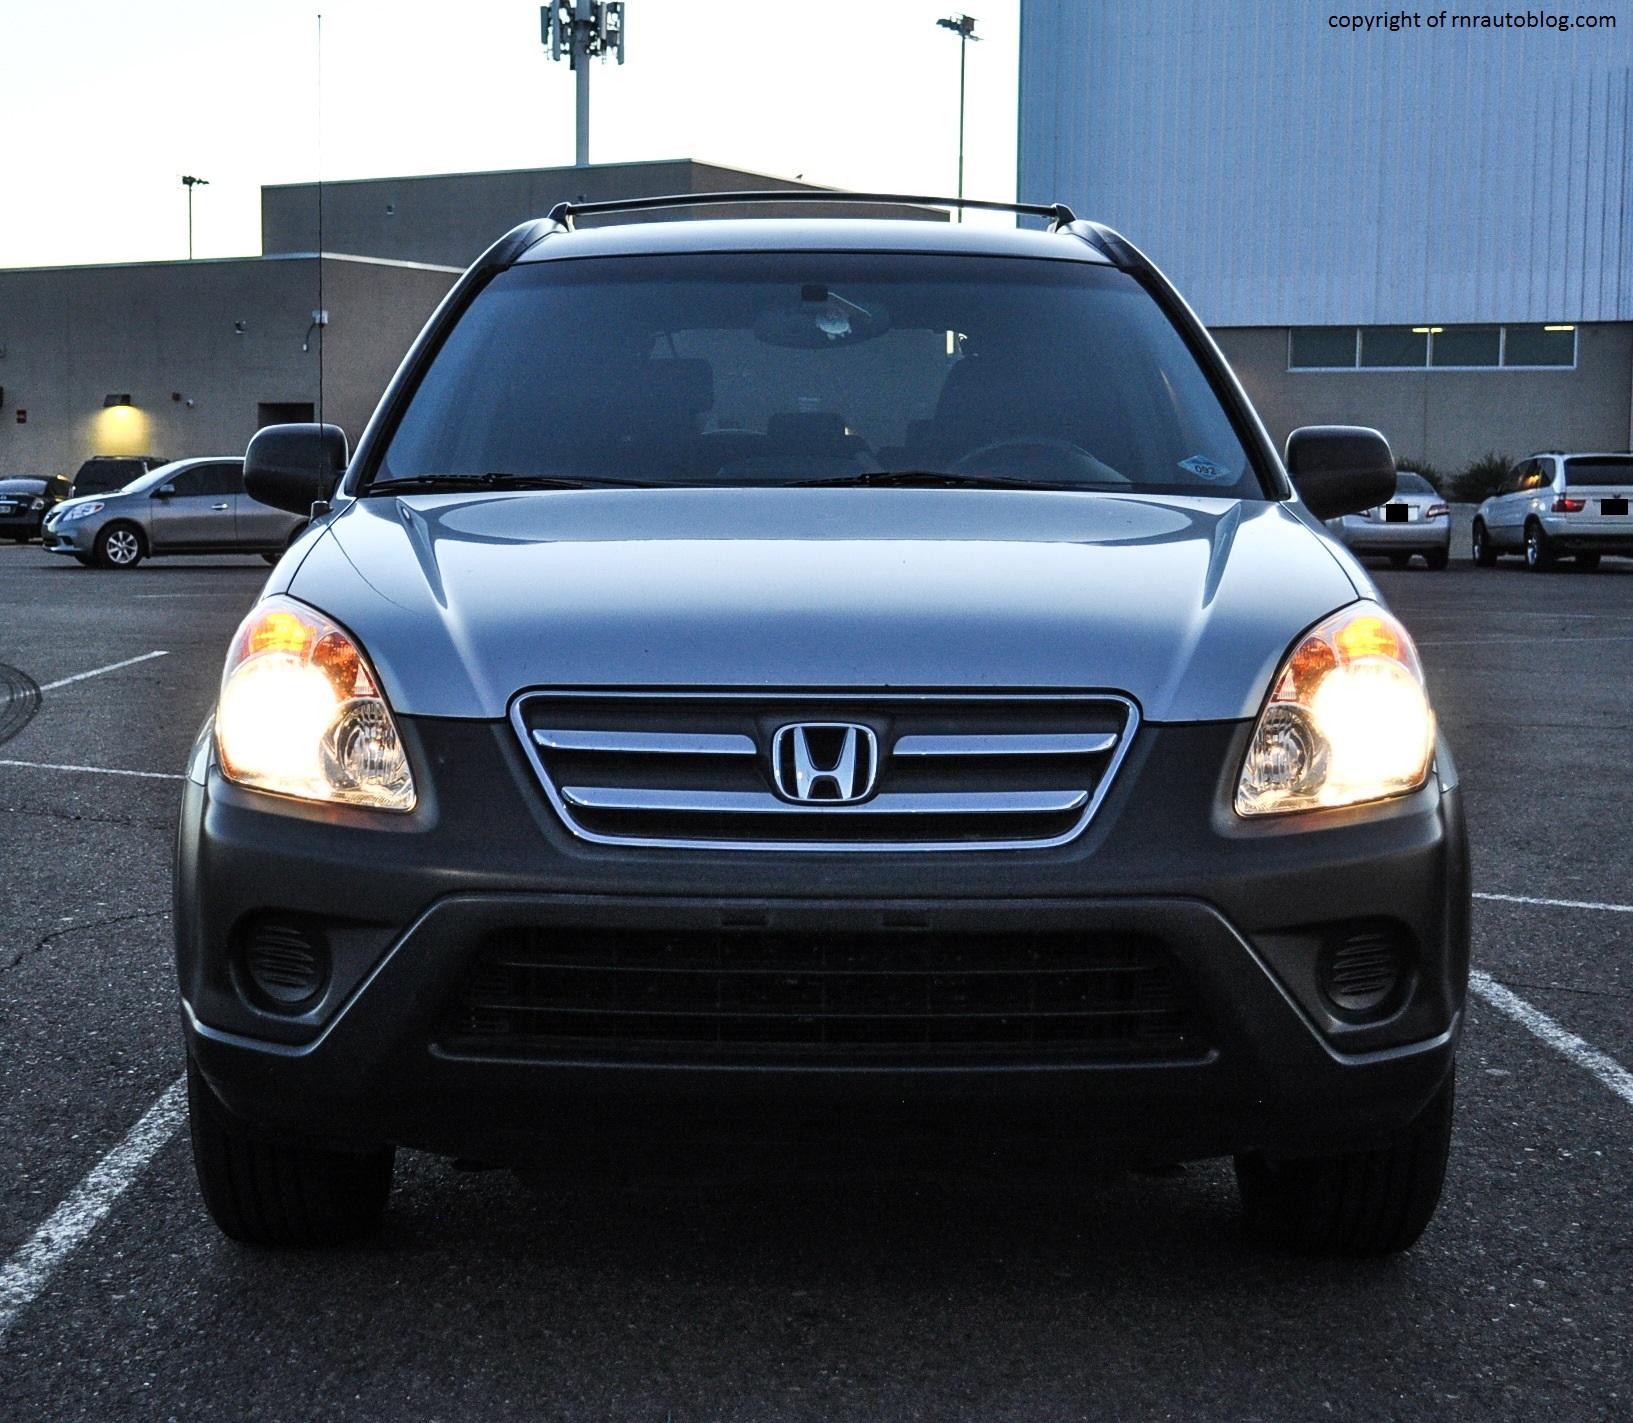 honda cr  lx review rnr automotive blog